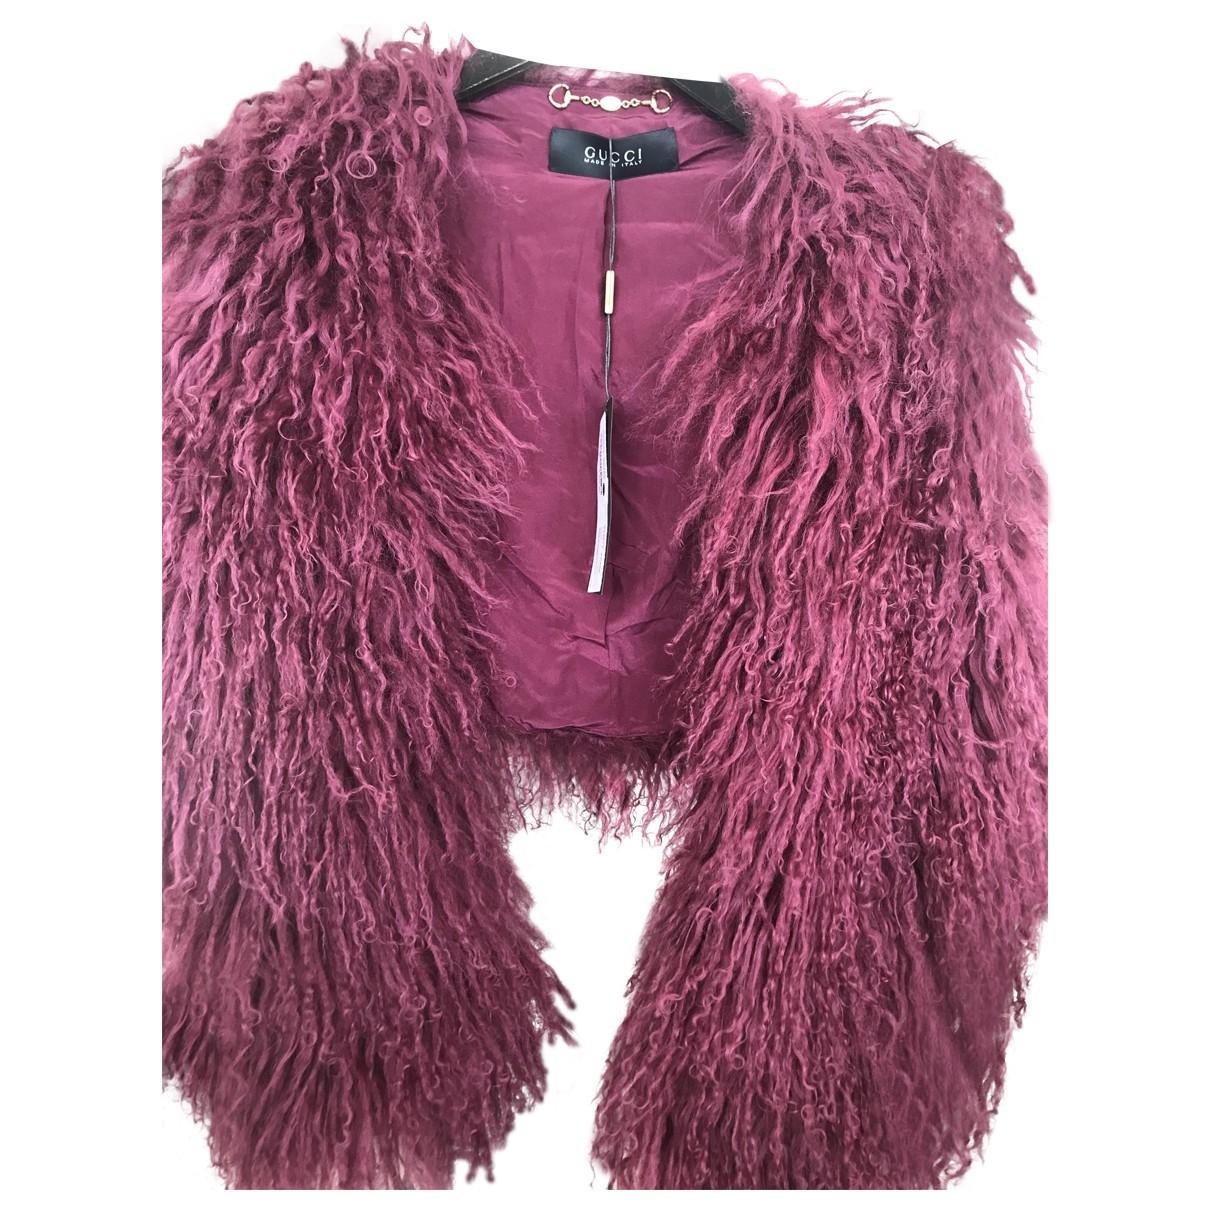 Gucci - Veste   pour femme en agneau de mongolie - bordeaux